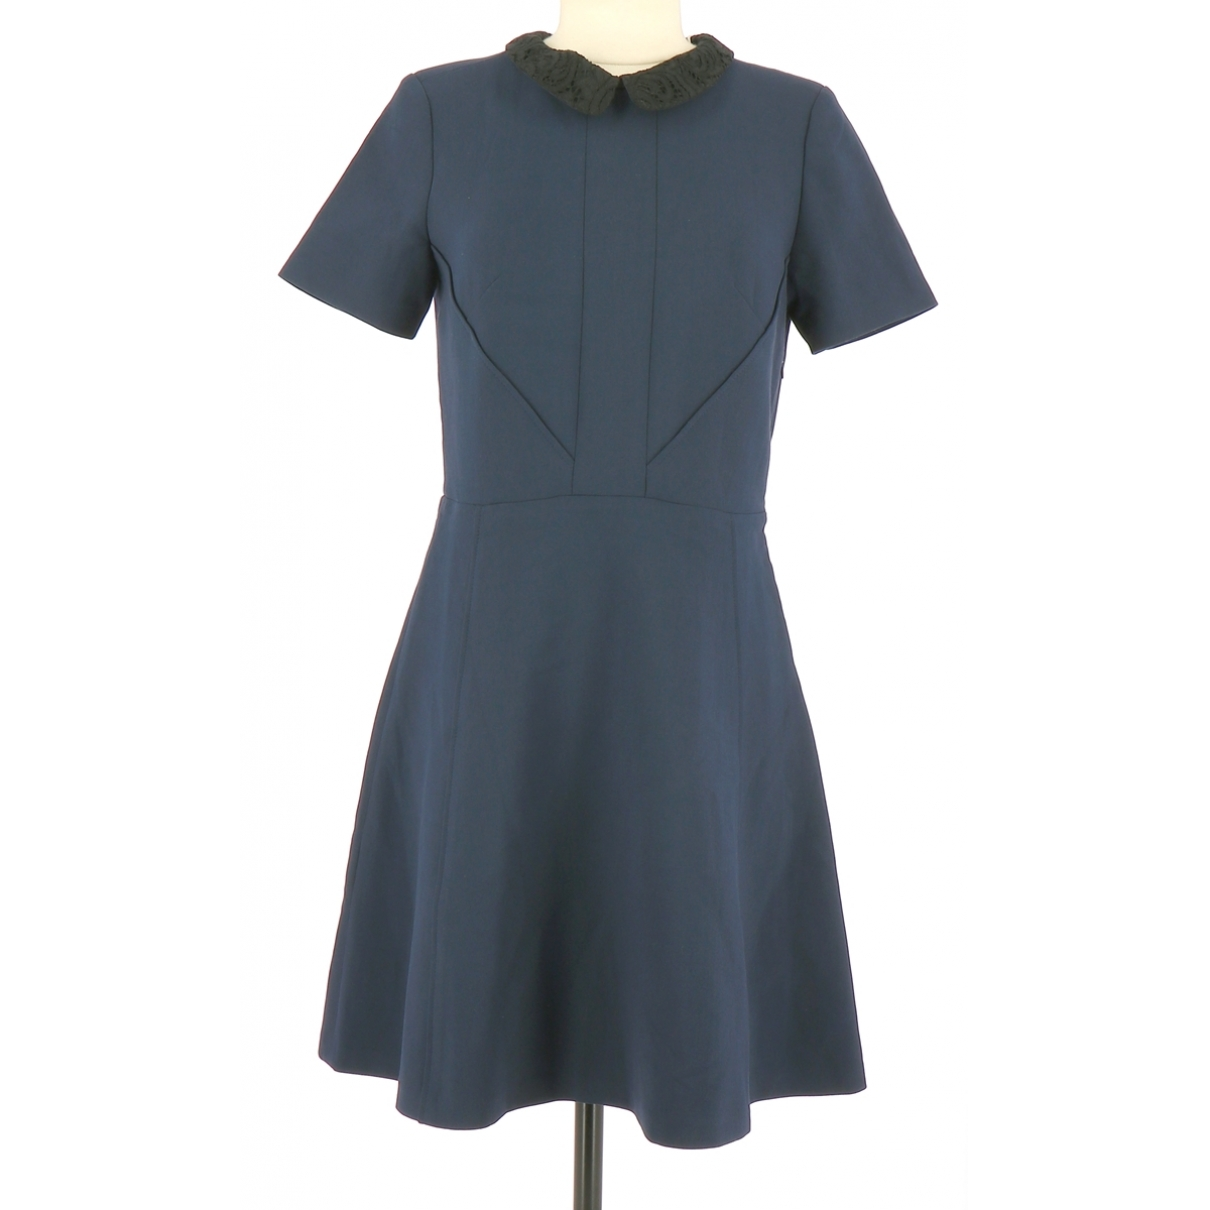 Comptoir Des Cotonniers \N Navy dress for Women 36 FR